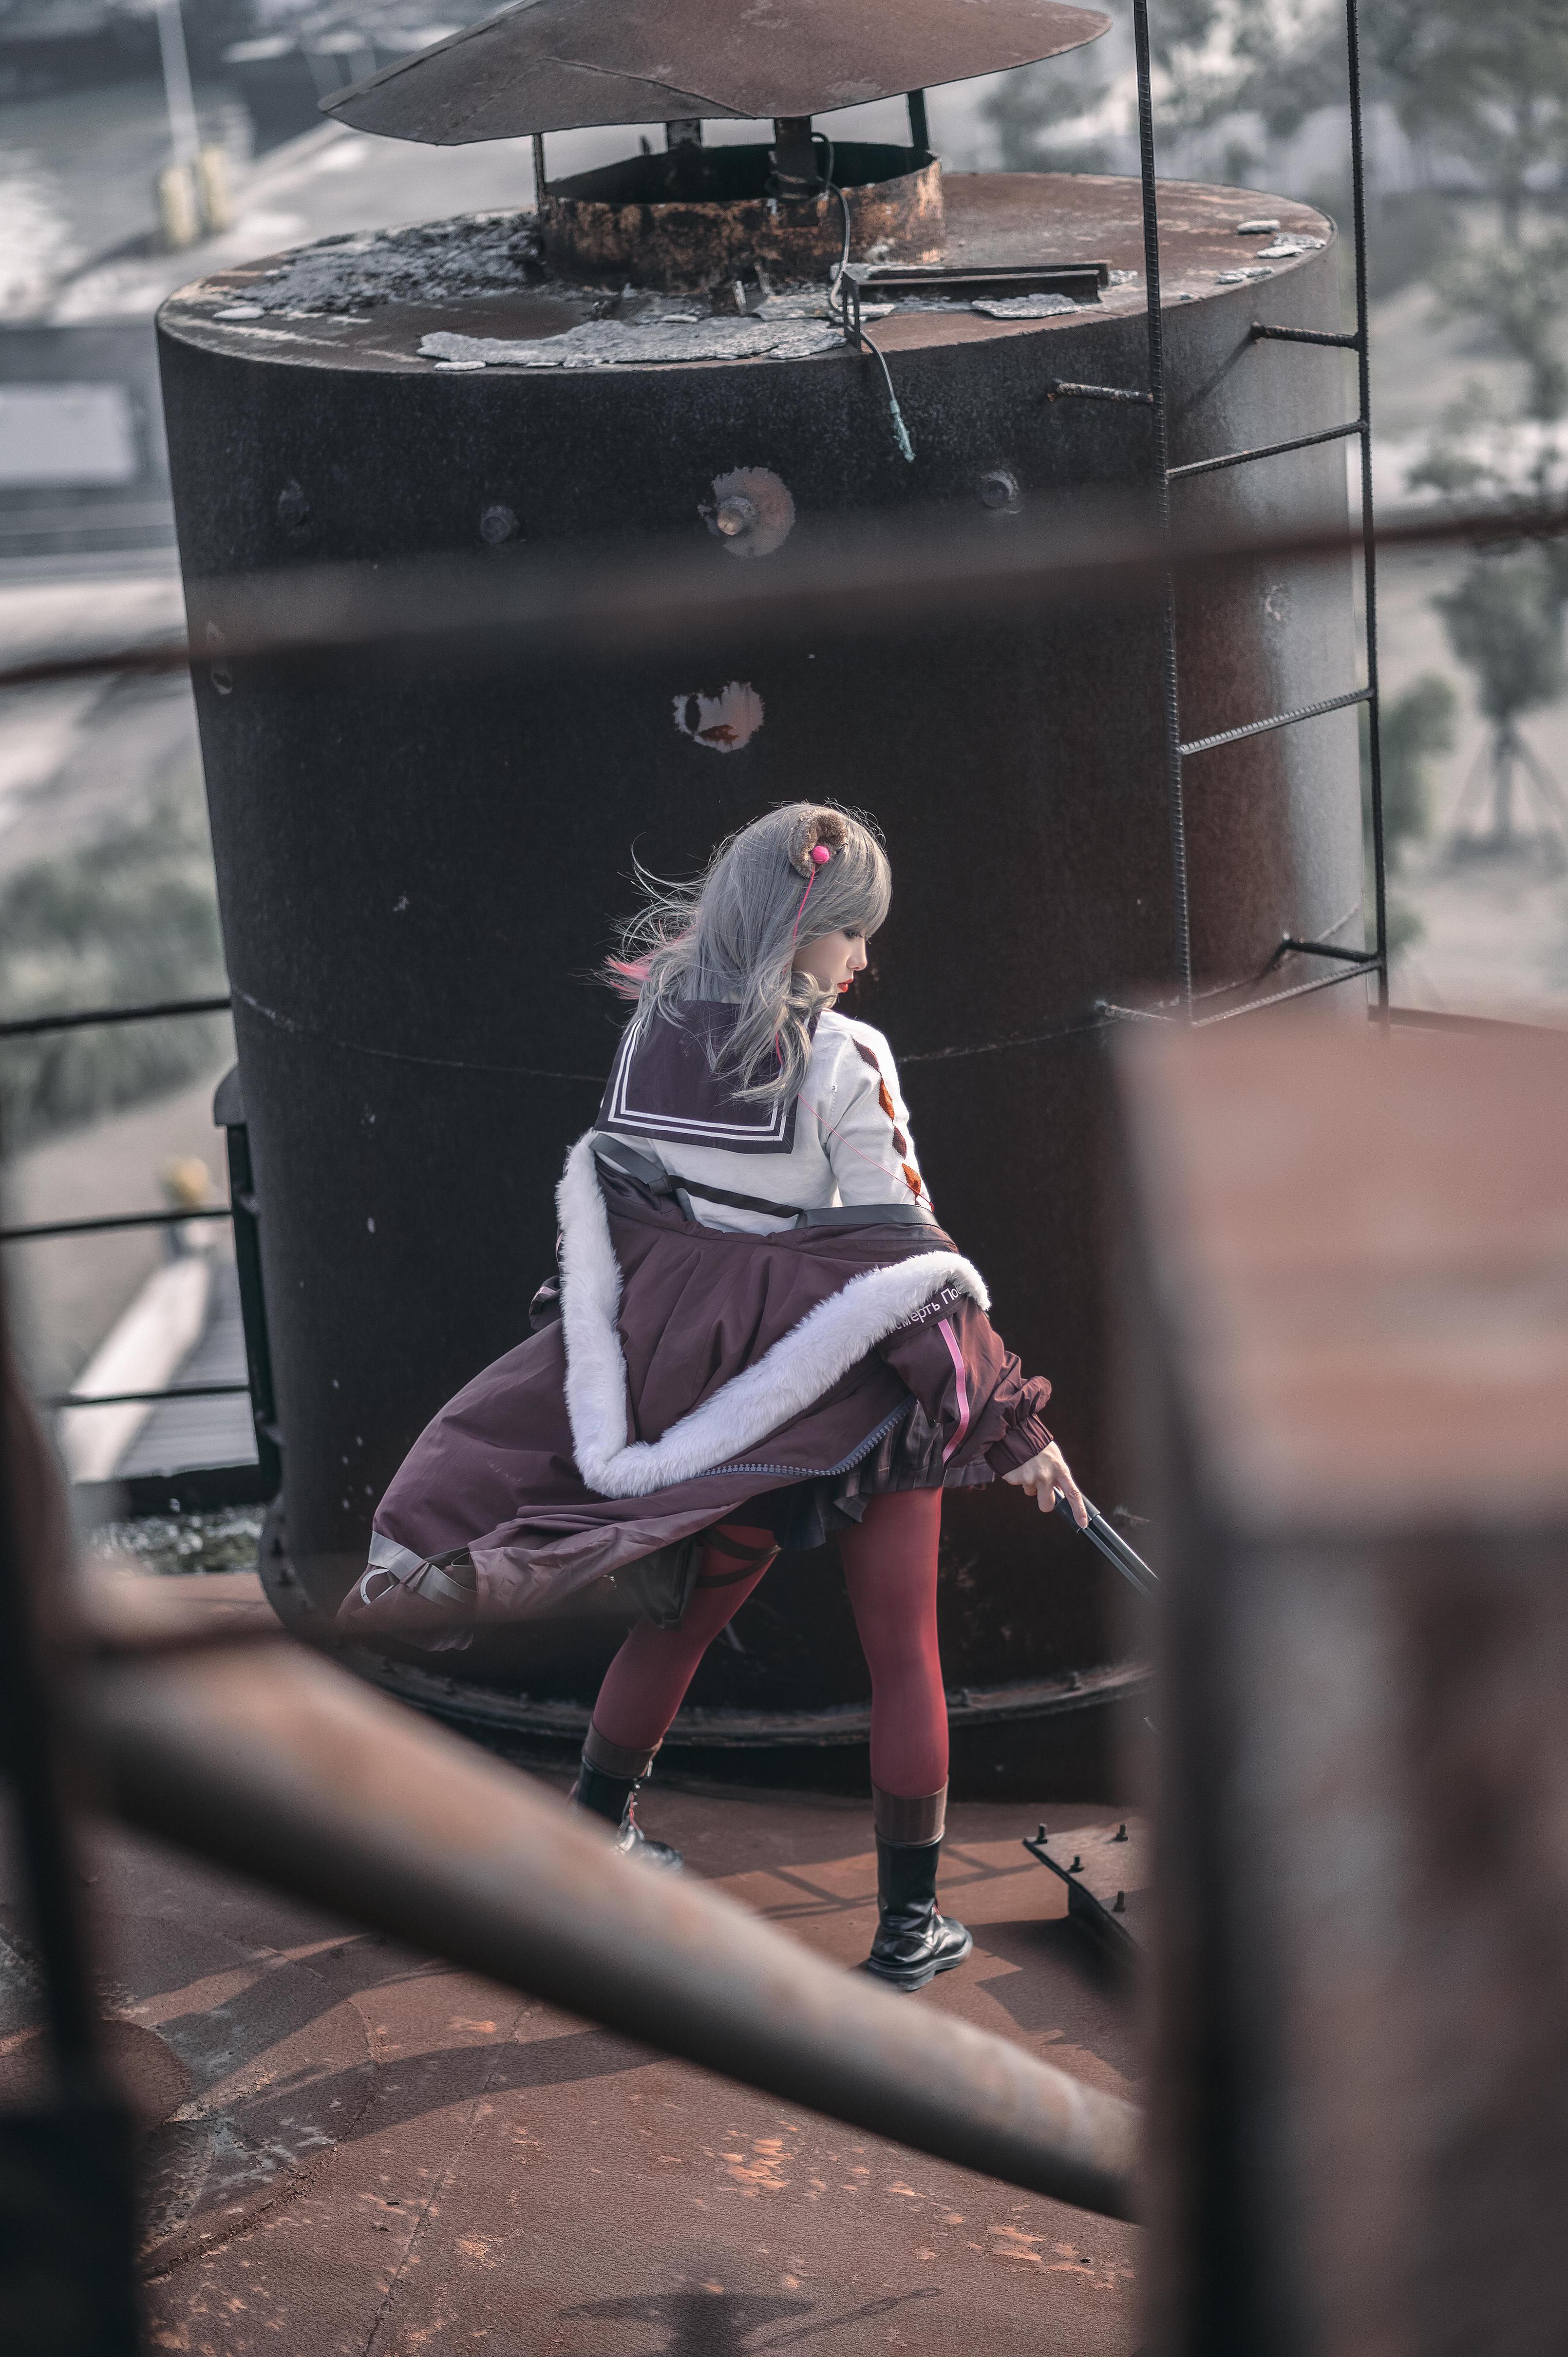 《明日方舟》正片cosplay【CN:小青姑娘闭关修炼中】-第13张